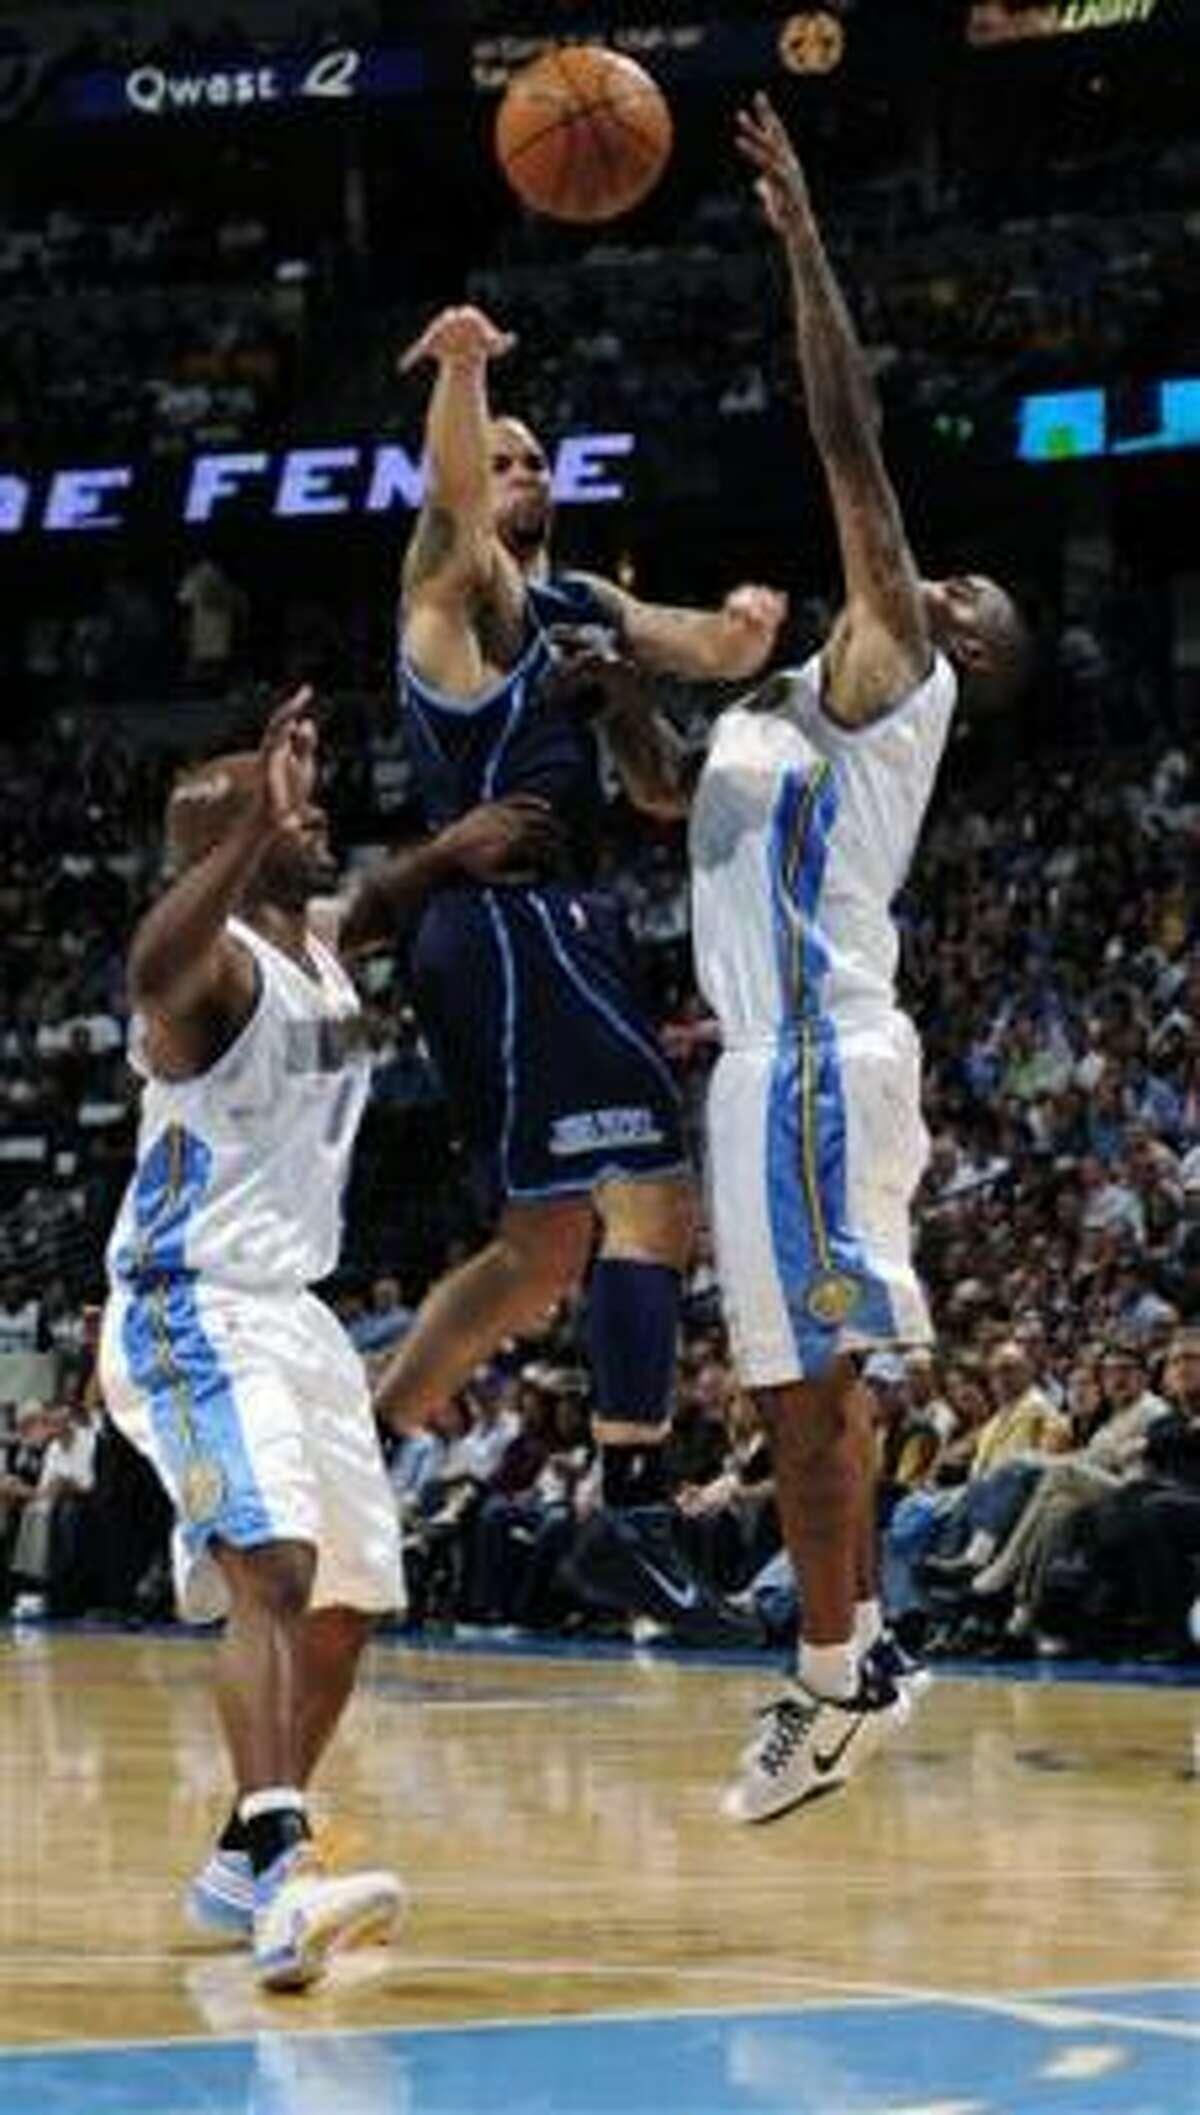 Deron Williams, del Jazz, pasa entre Chauncey Billups (izquierda) y J.R. Smith, de Denver, para anotar dos de sus 33 puntos en el Juego 2 de la primera ronda de playoffs en la Conferencia del Oeste que ganó Utah 114-111 a los Nuggets y empatar 1-1 la serie, el lunes 19 de abril de 2010, en Denver, Colorado.